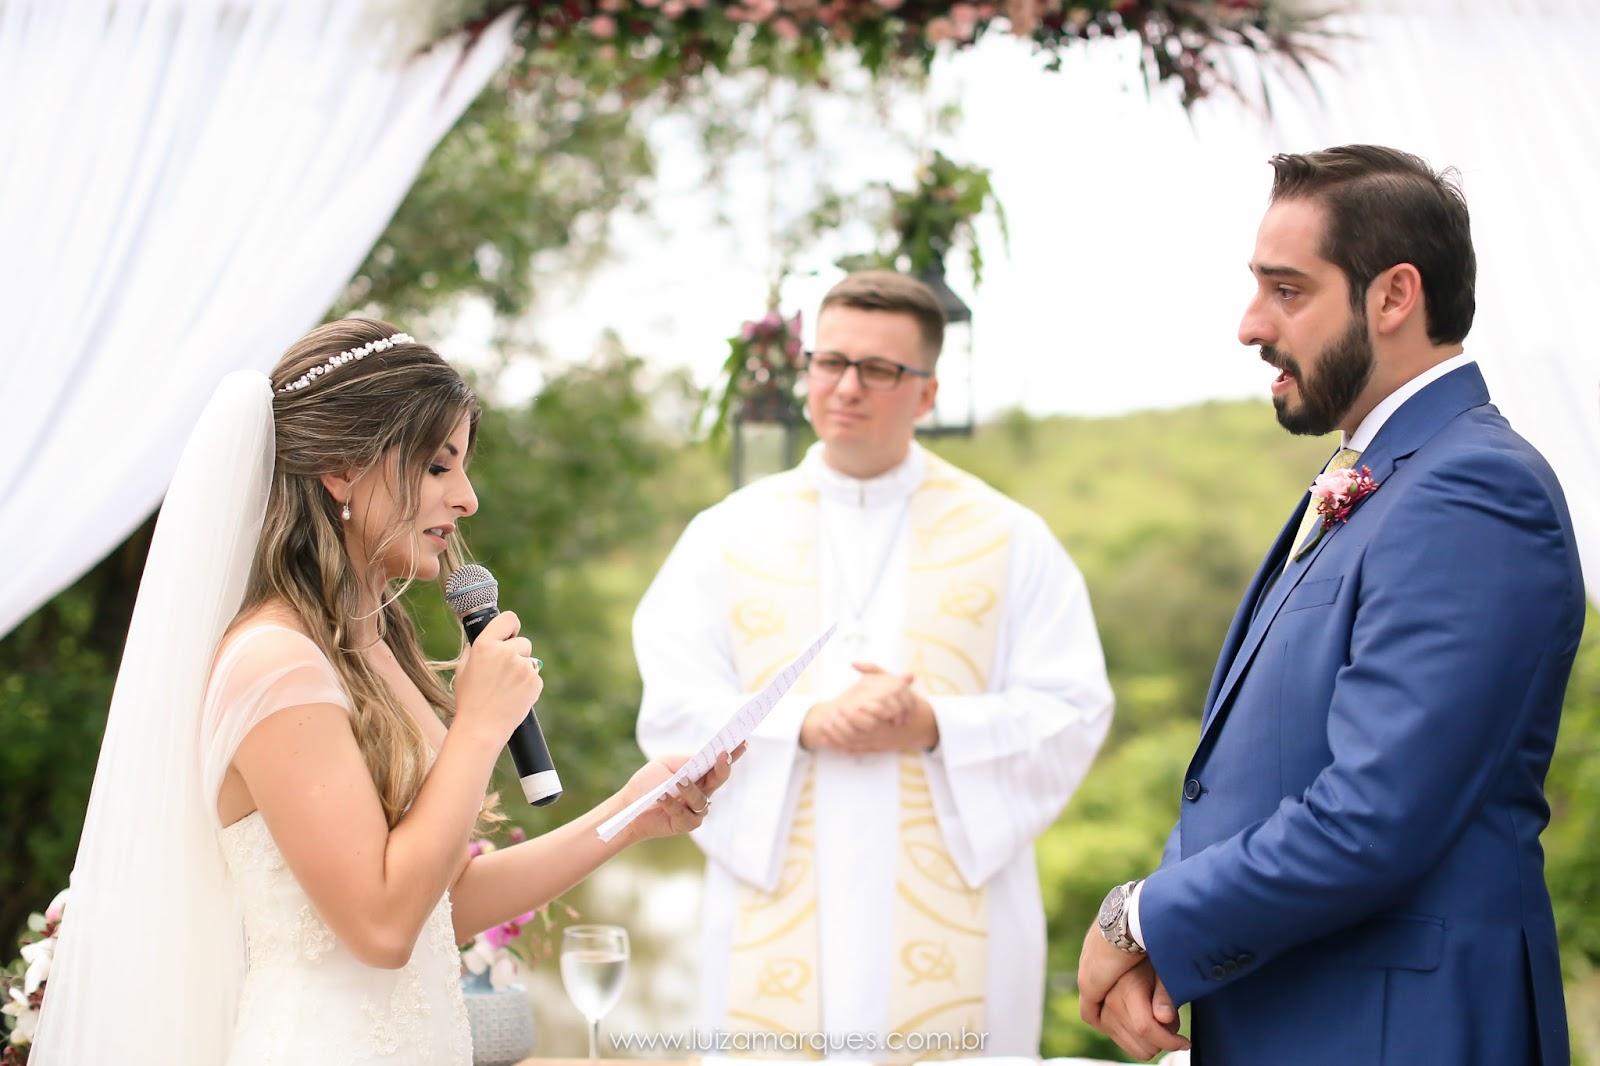 casamento-tre-marie-boituva-gabi-e-andre-luiza-marques-fotografia-81